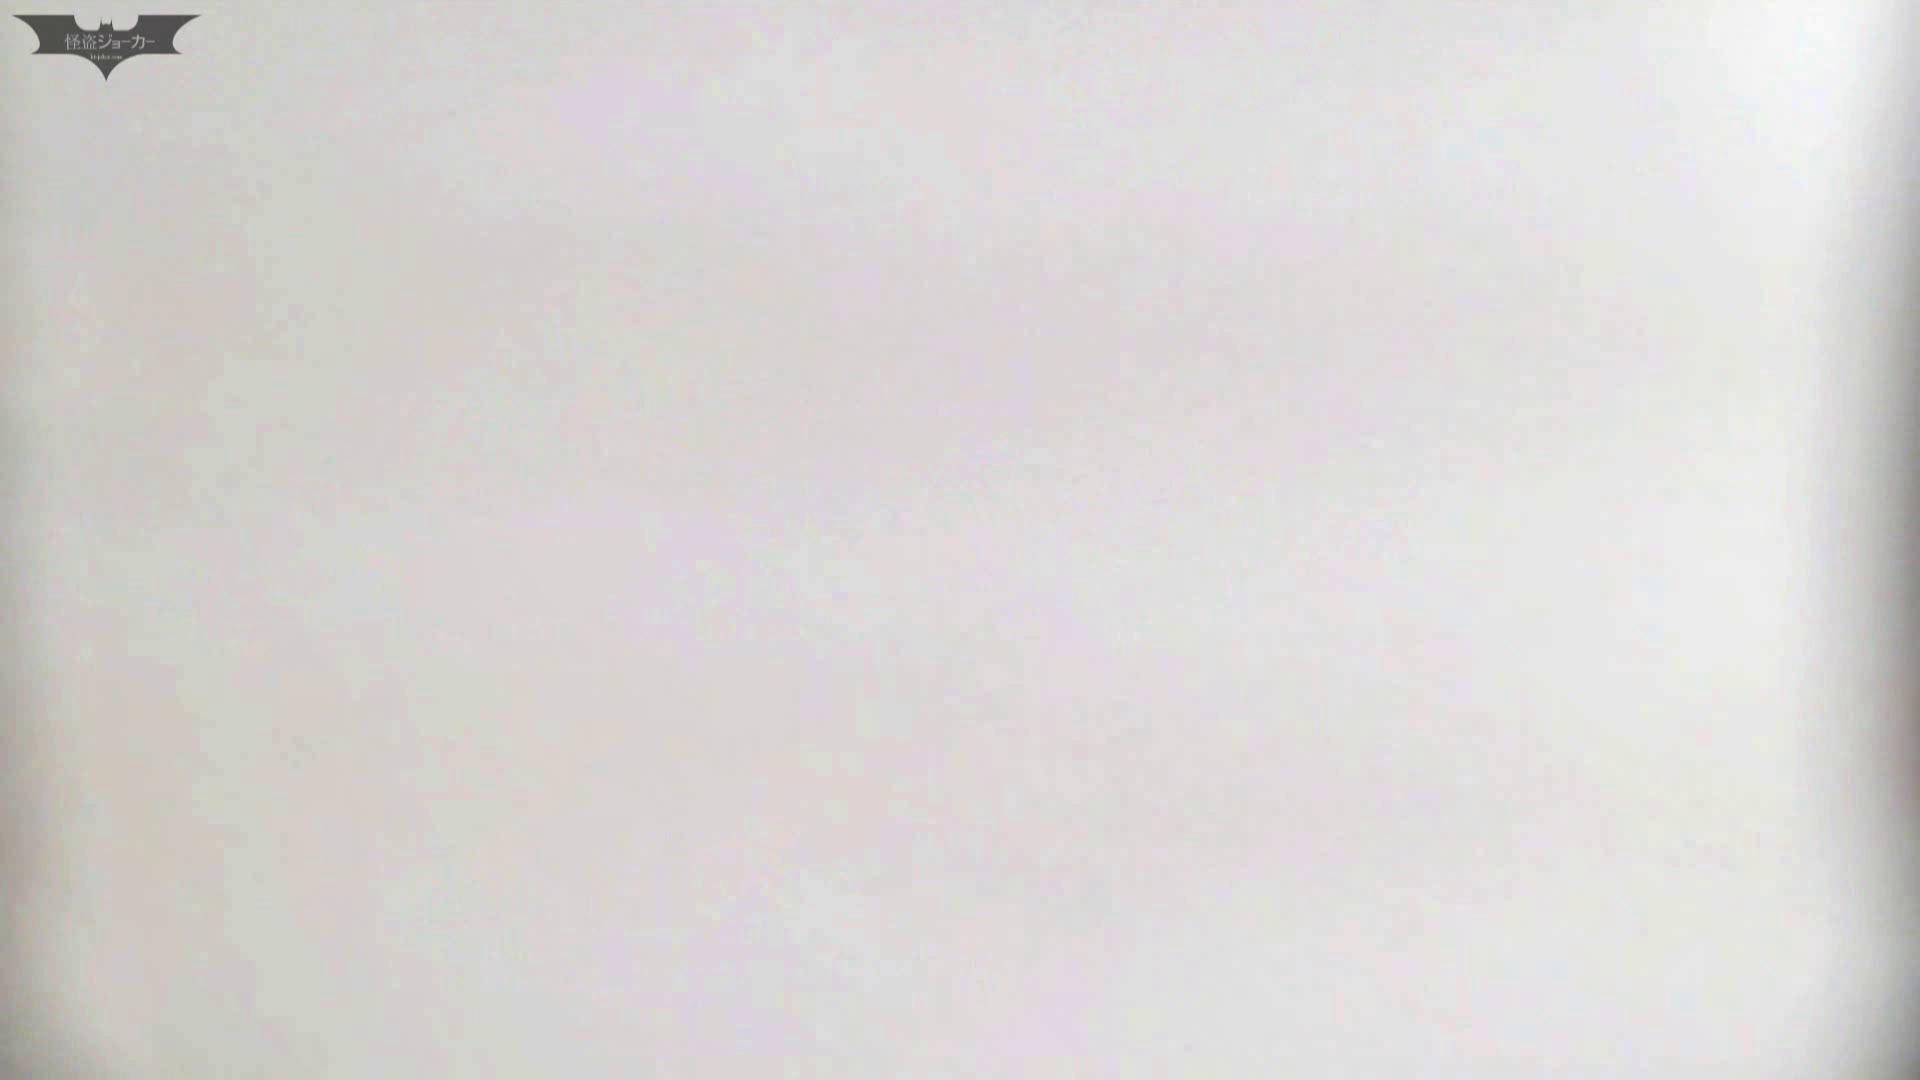 【潜入トイレ盗撮】洗面所特攻隊 vol.70 極上品の連続、歌いながら美女入室 お姉さん攻略 すけべAV動画紹介 97画像 4